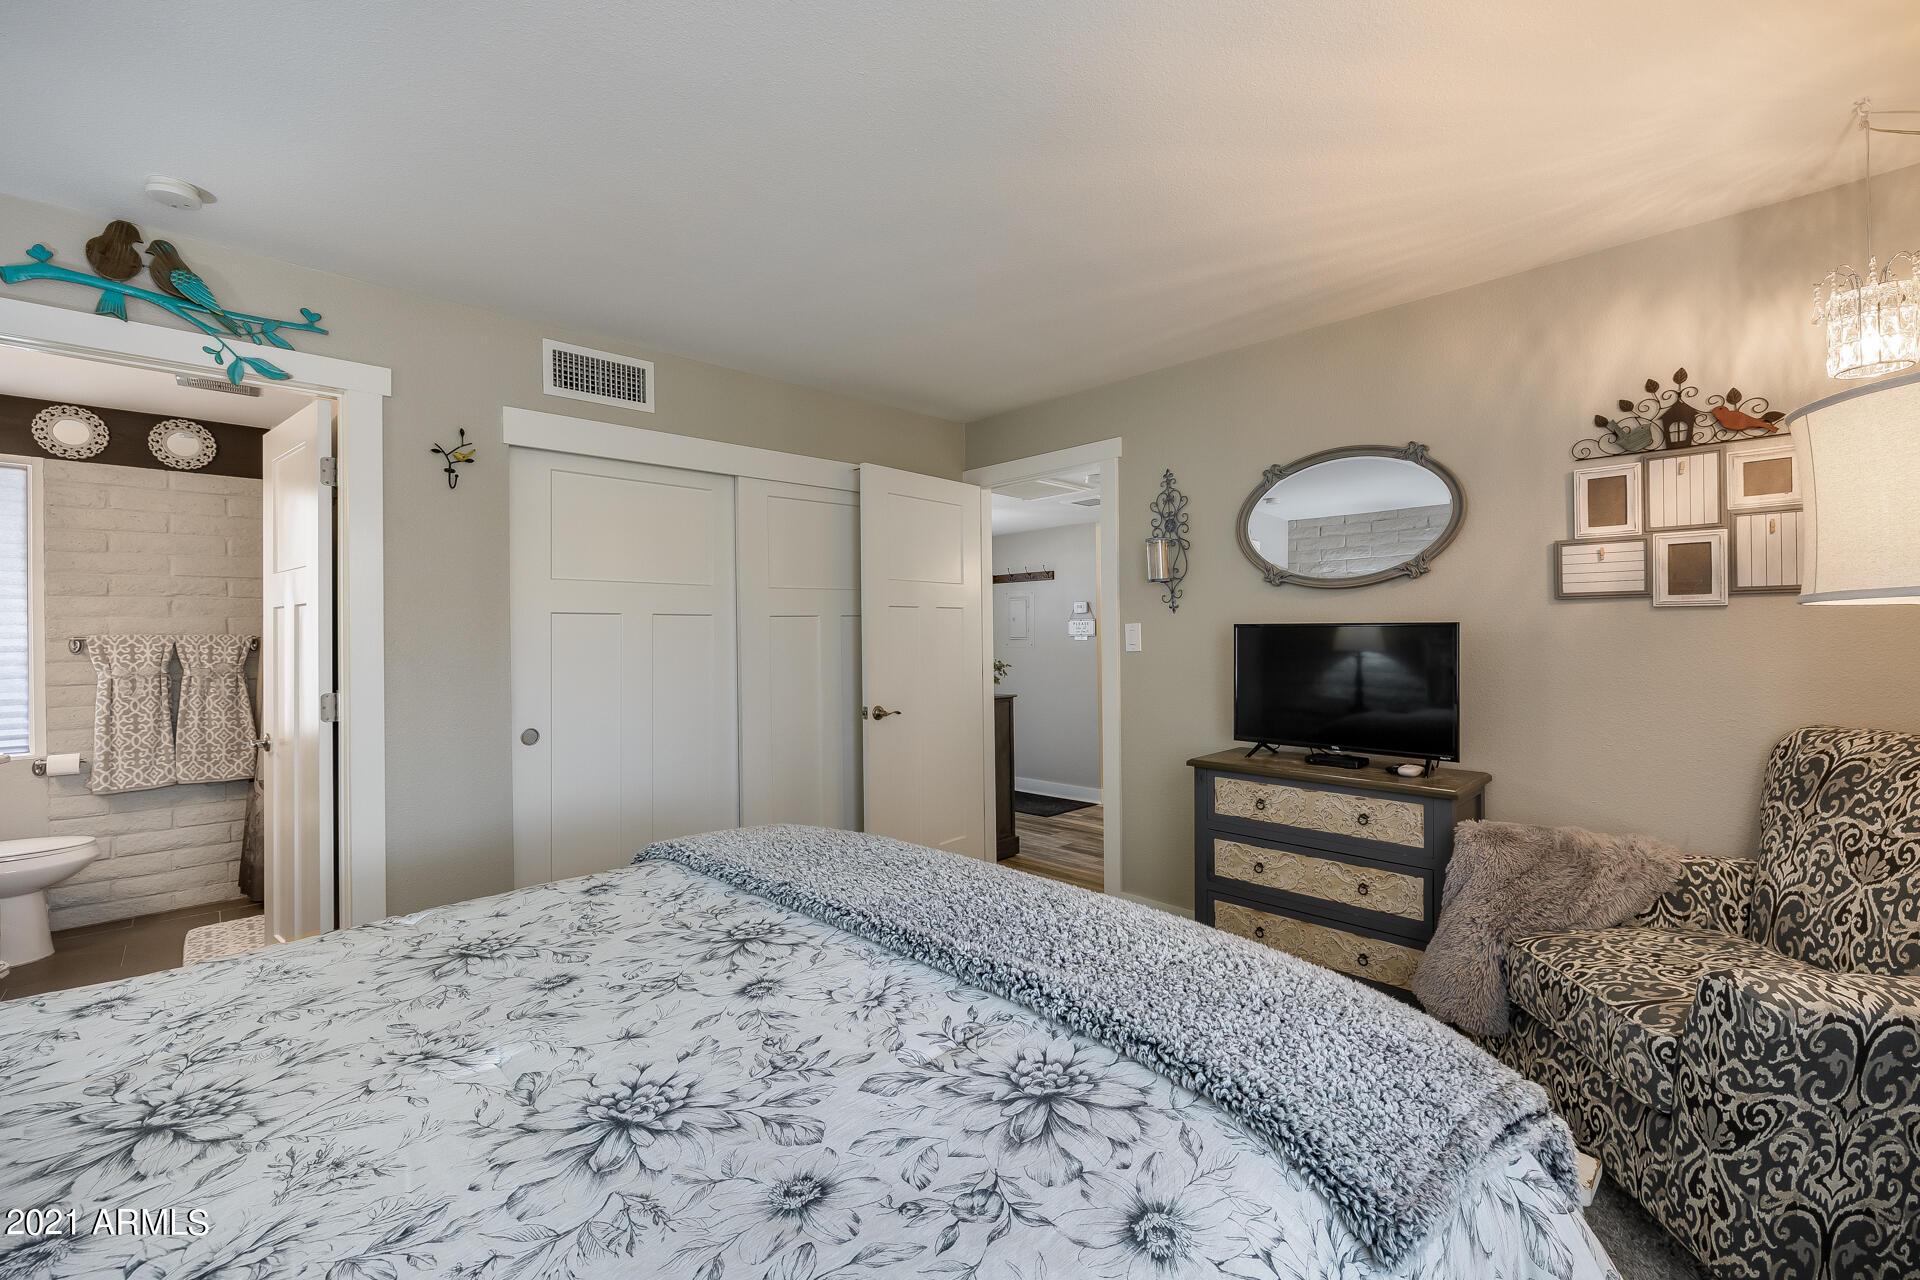 Photo #18: Primary Bedroom